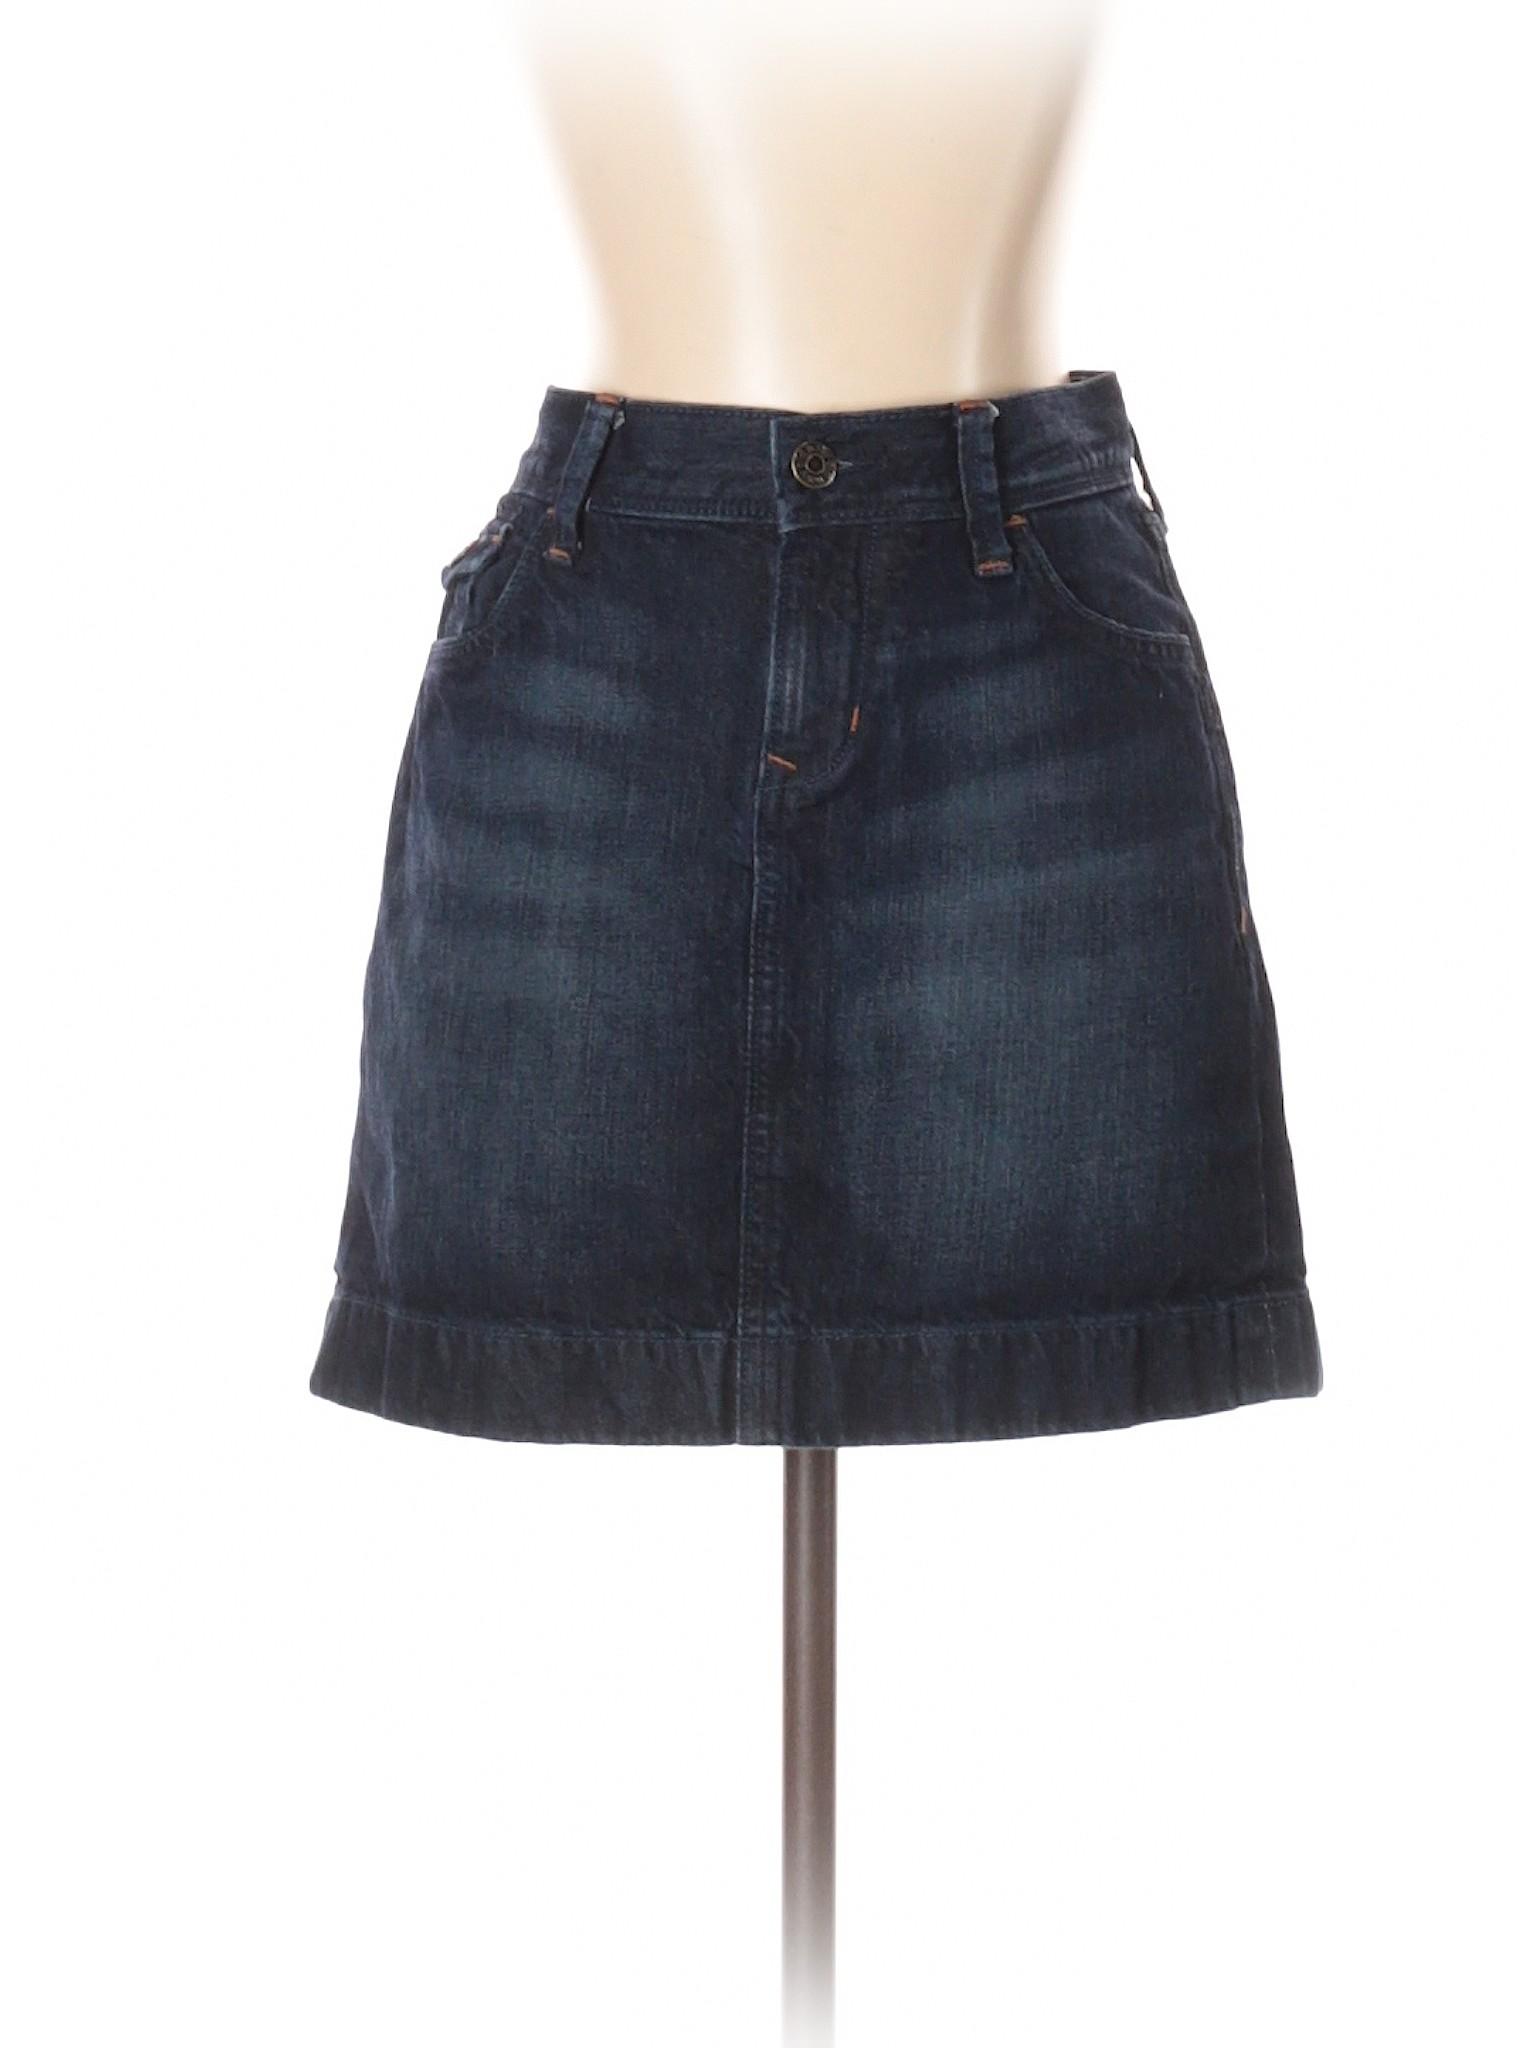 Boutique Denim Old Denim Old Skirt Boutique Navy Boutique Navy Skirt Old Navy Denim wq86FPcSA